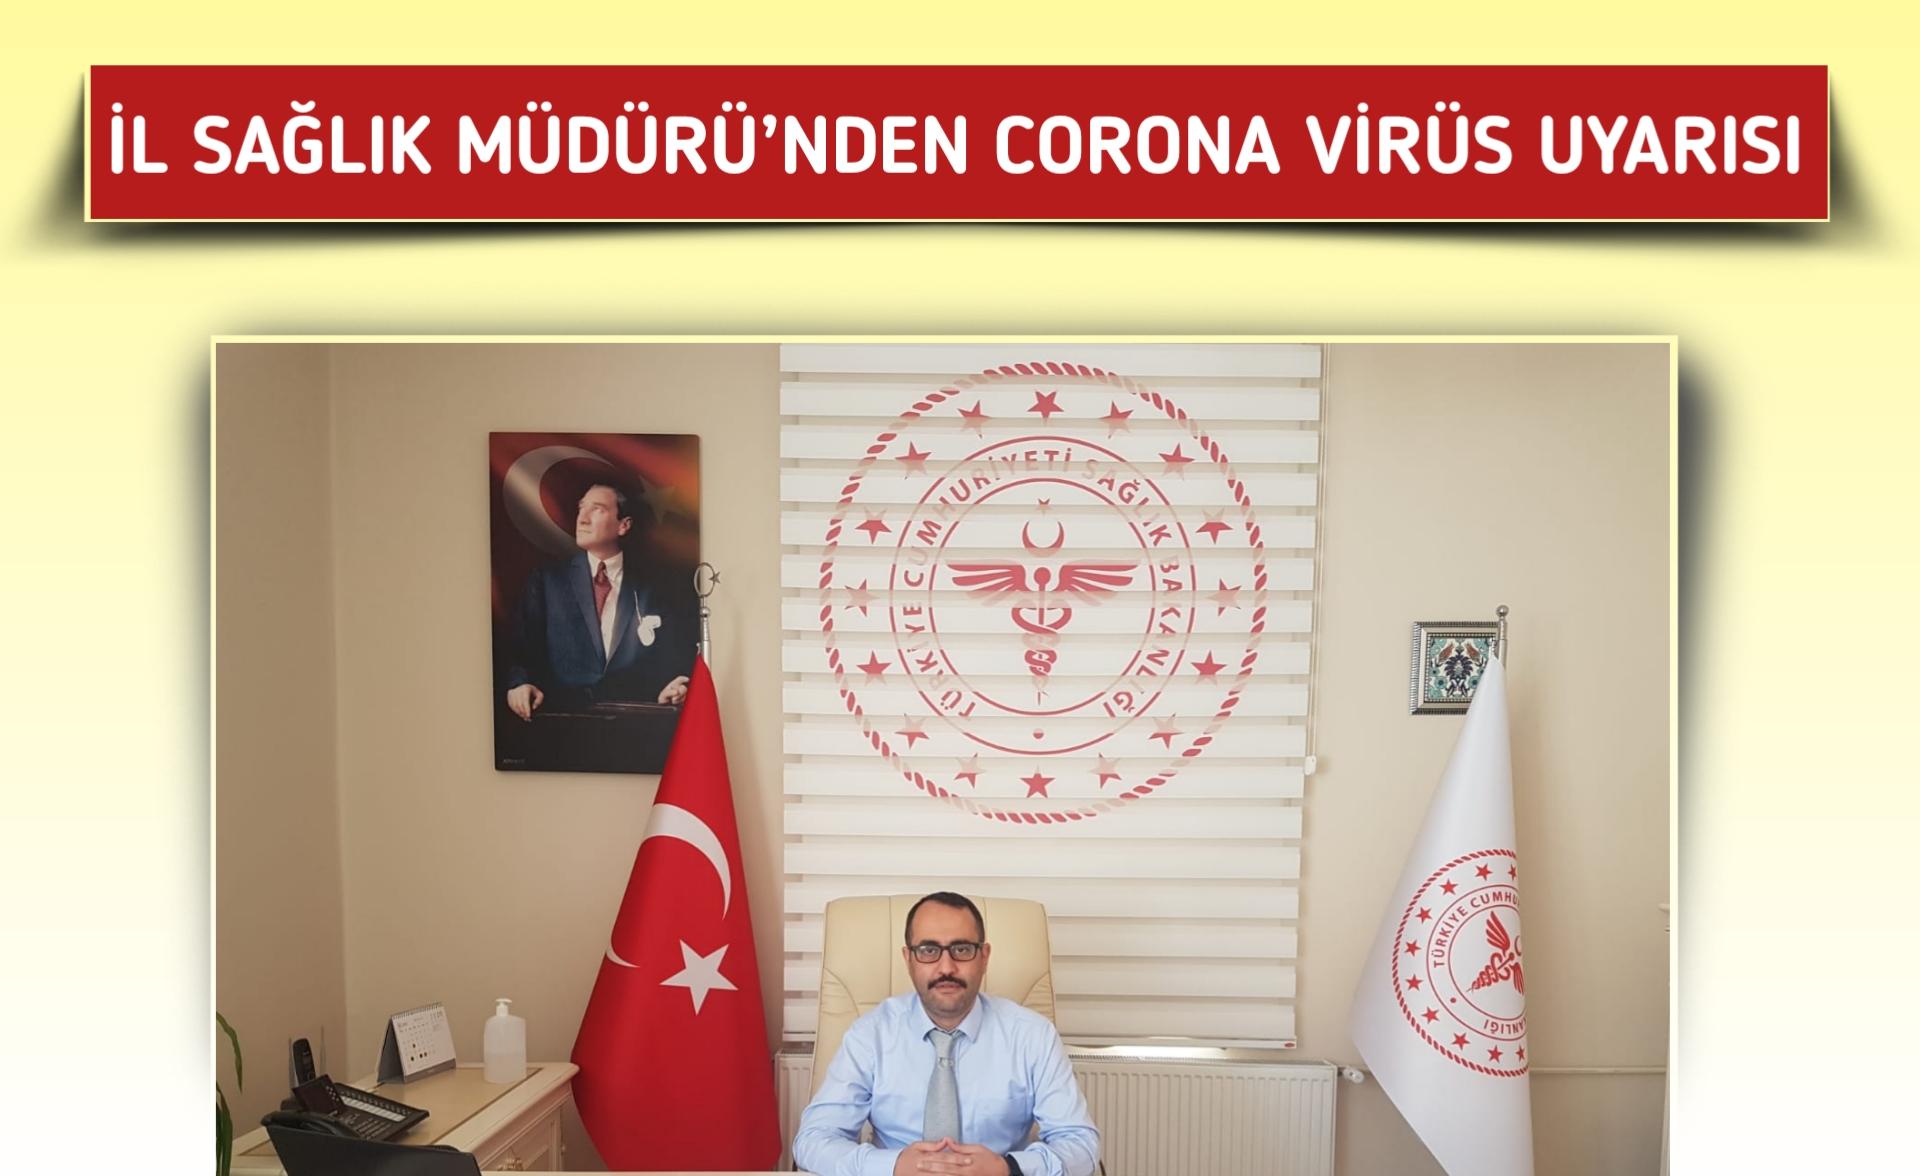 Hatay İl Sağlık Müdürü'nden Corona Virüs Uyarısı